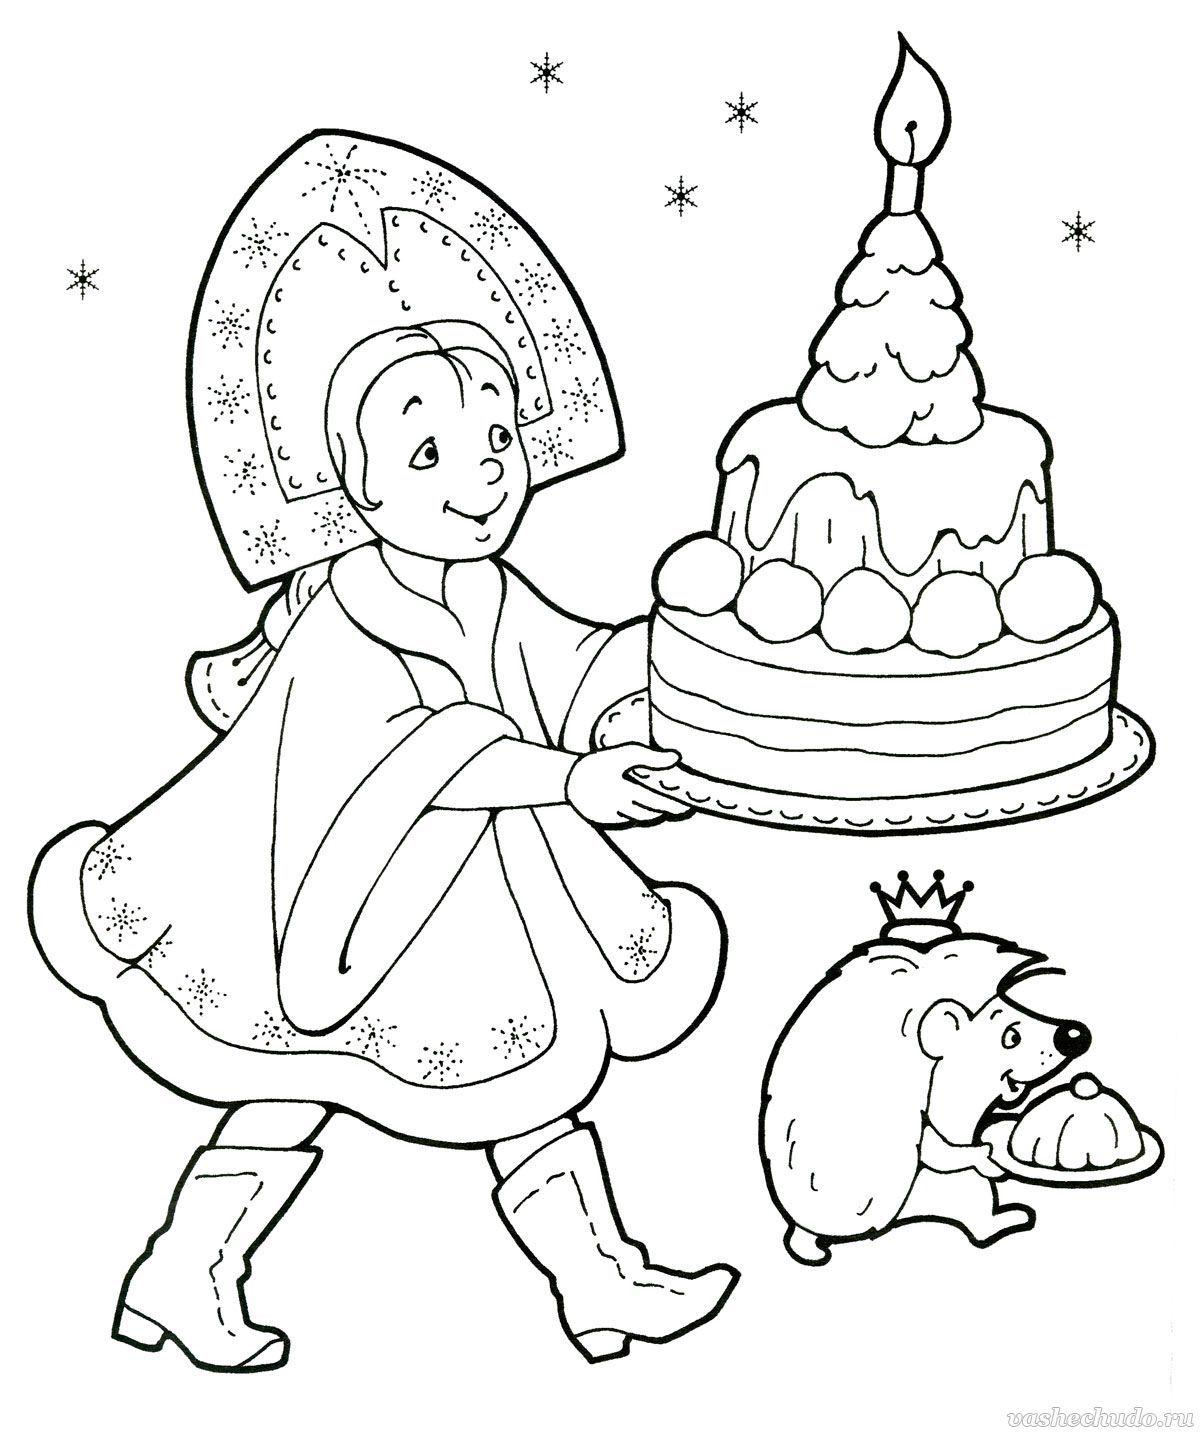 Раскраски новогодние распечатать - 10